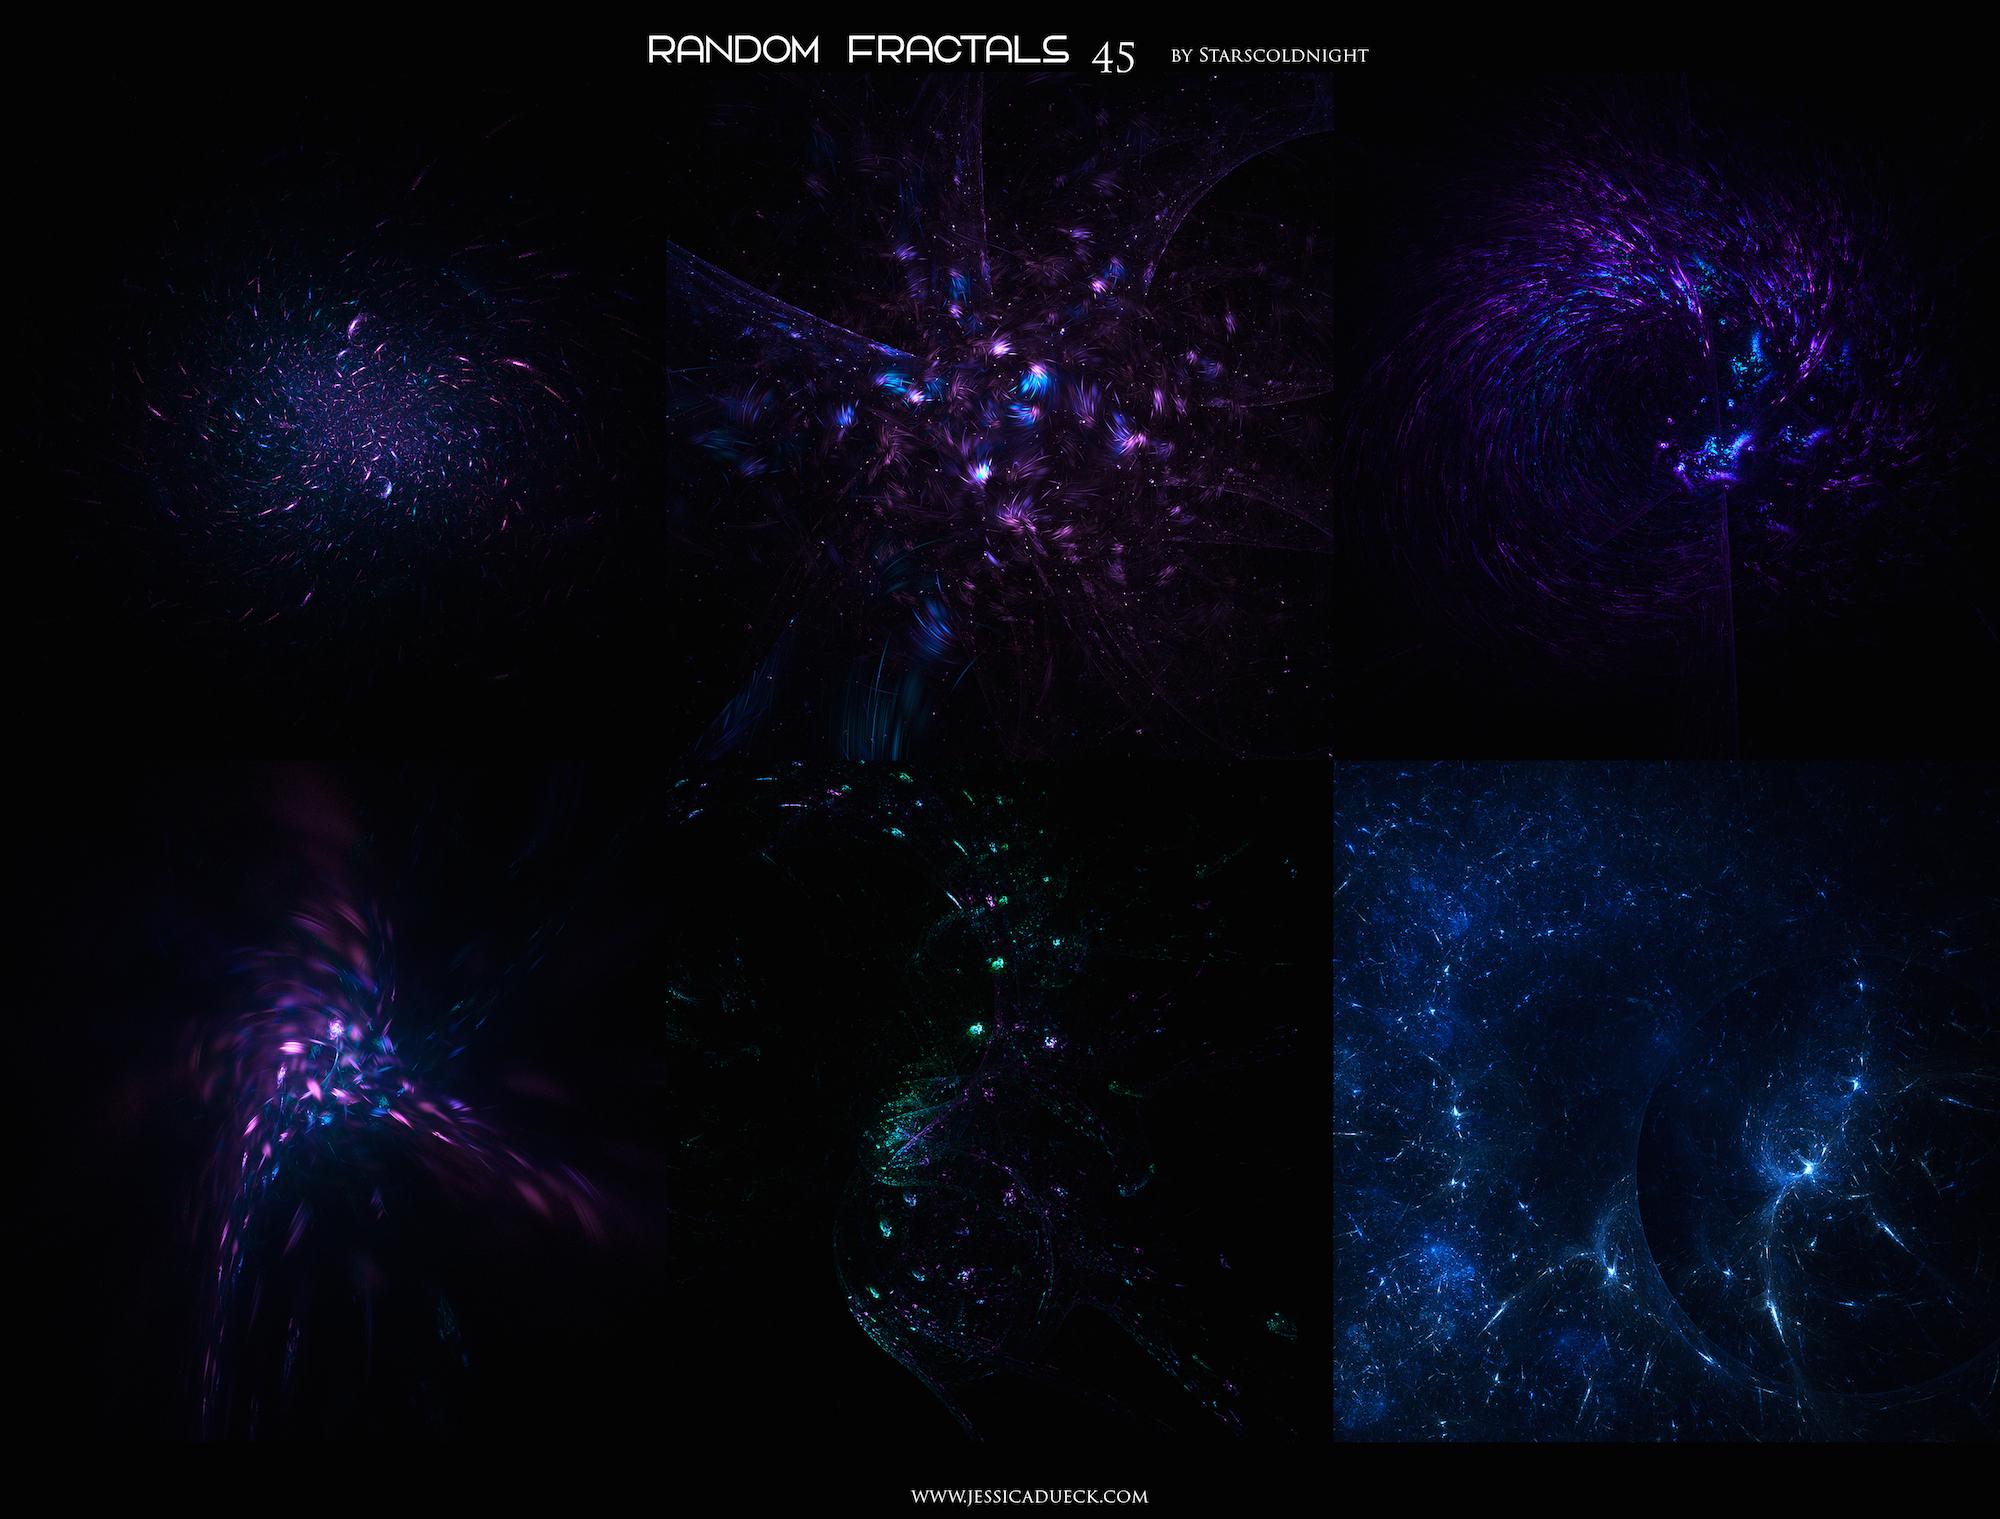 Random fractals 45 by Starscoldnight by StarsColdNight